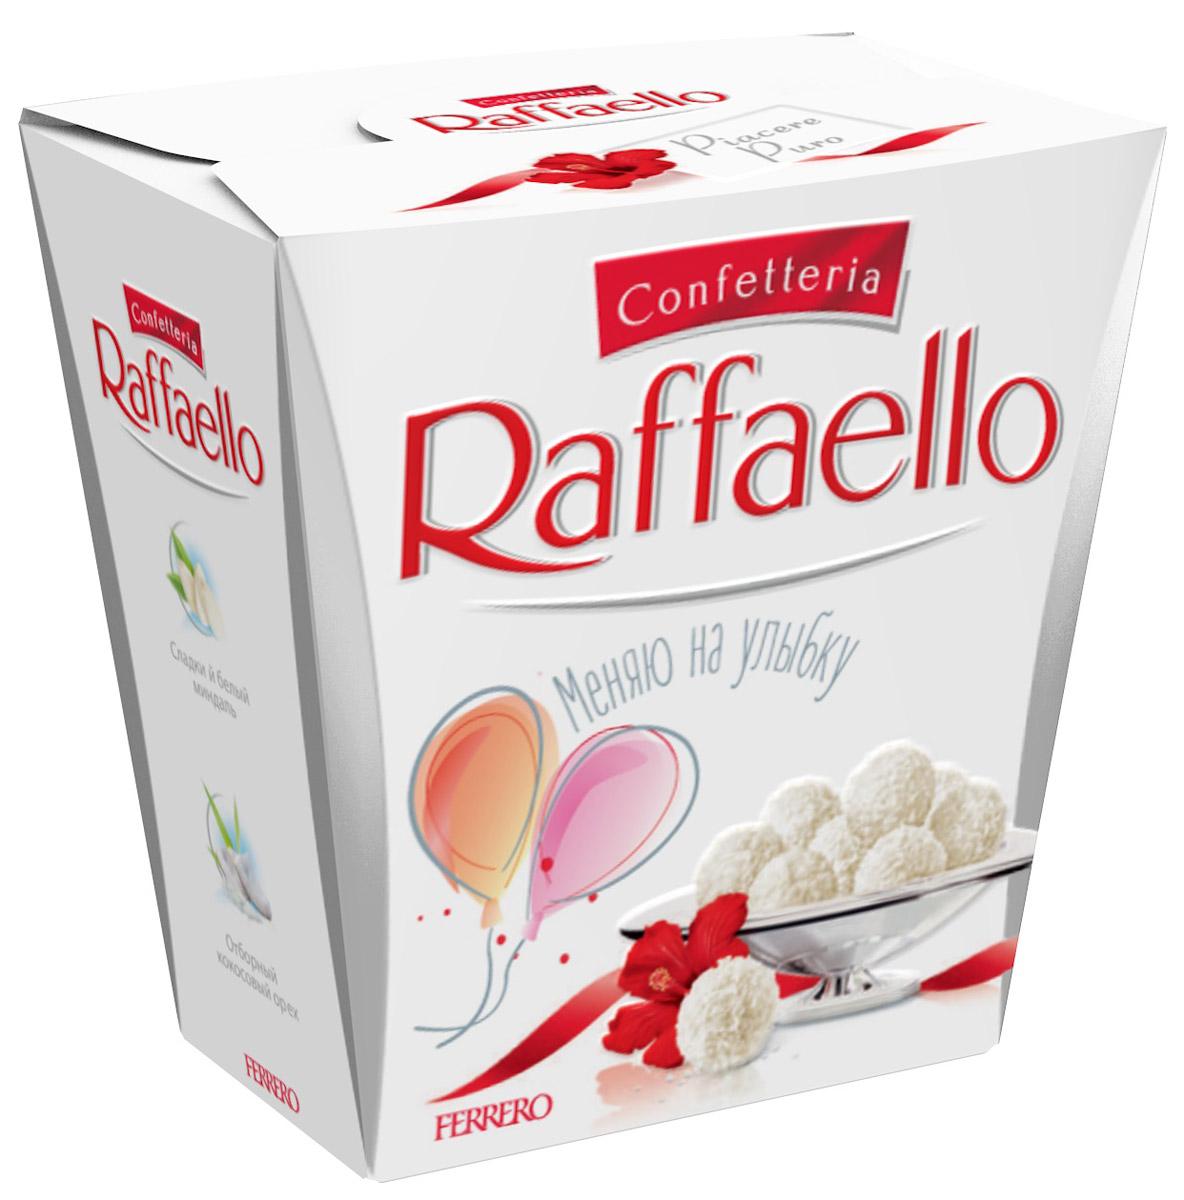 Raffaello Весенняя коллекция конфеты с цельным миндальным орехом в кокосовой обсыпке, 40 г